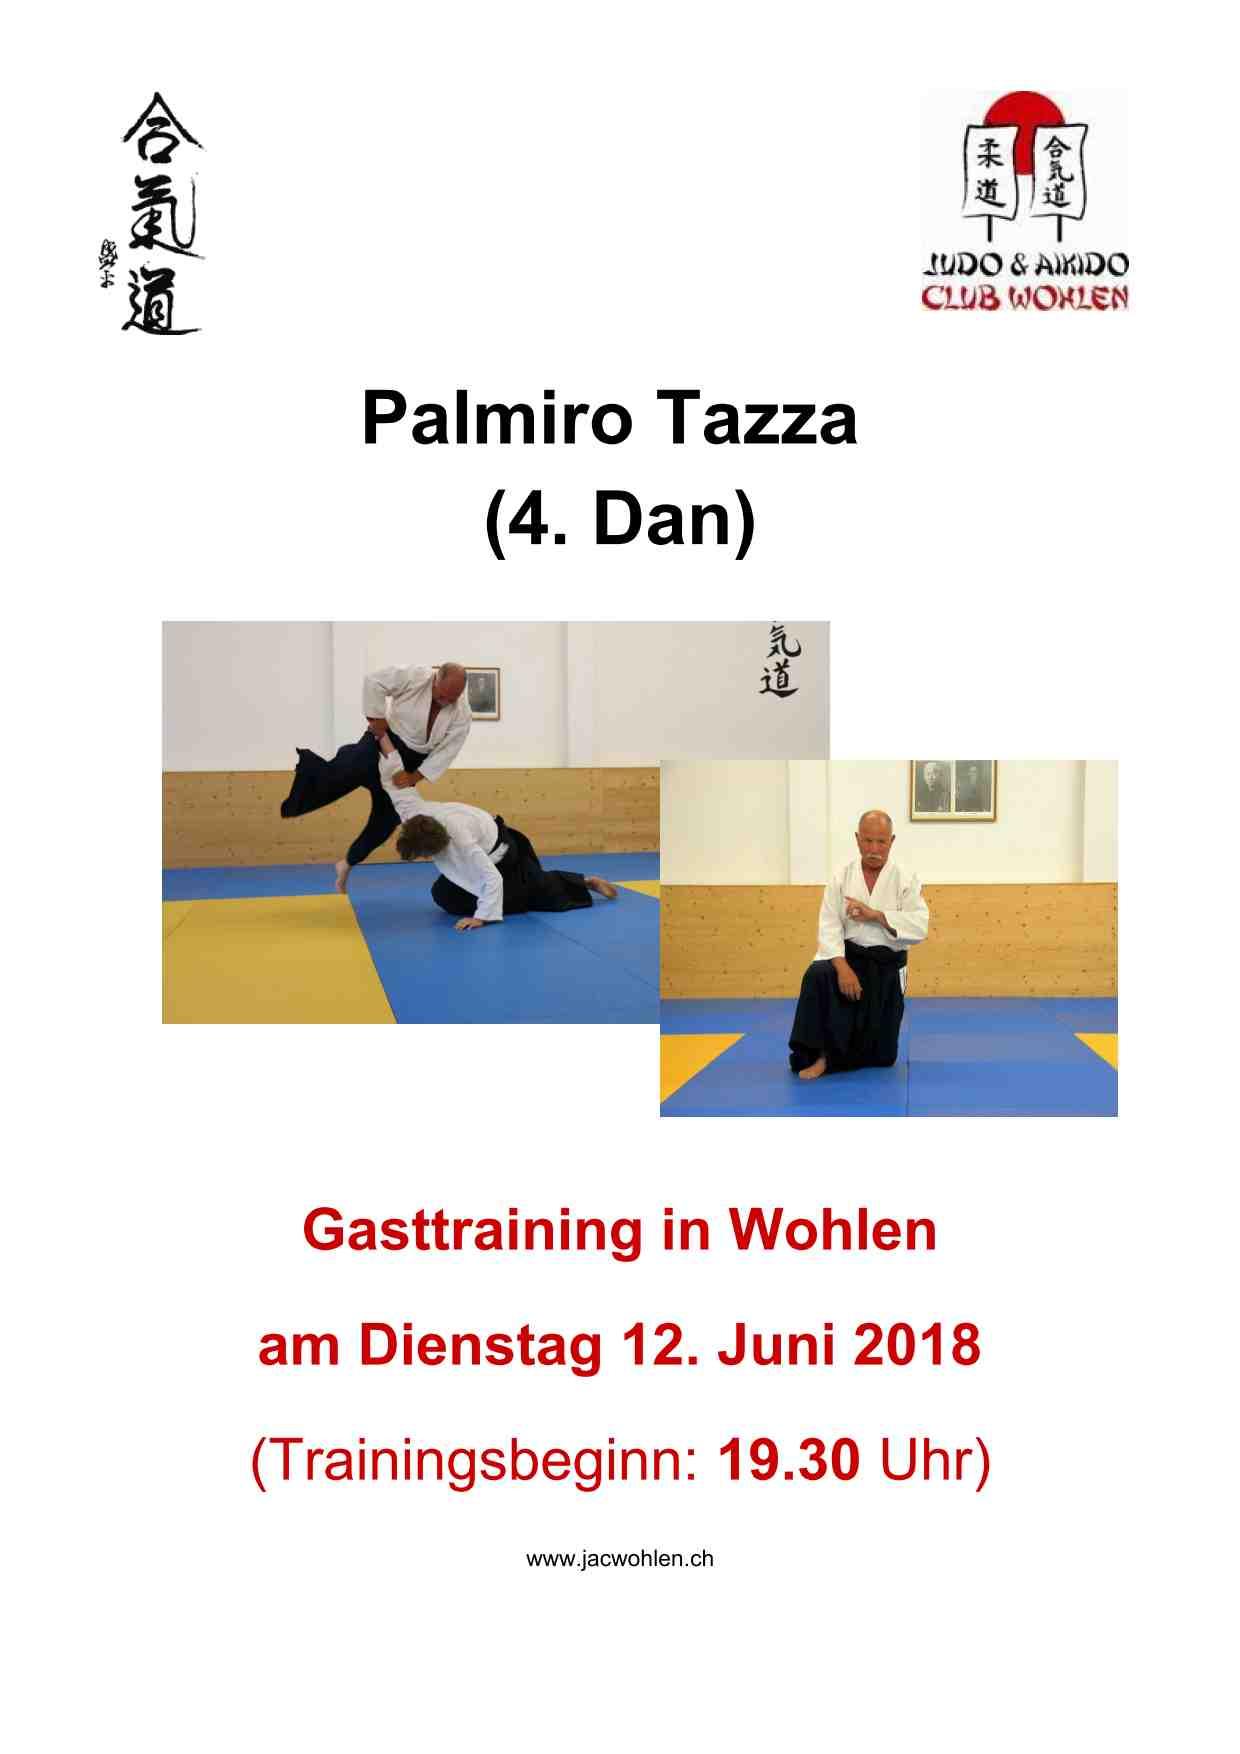 Gasttraining Palmiro Tazza in Wohlen 2018 am 12. Juni 2018